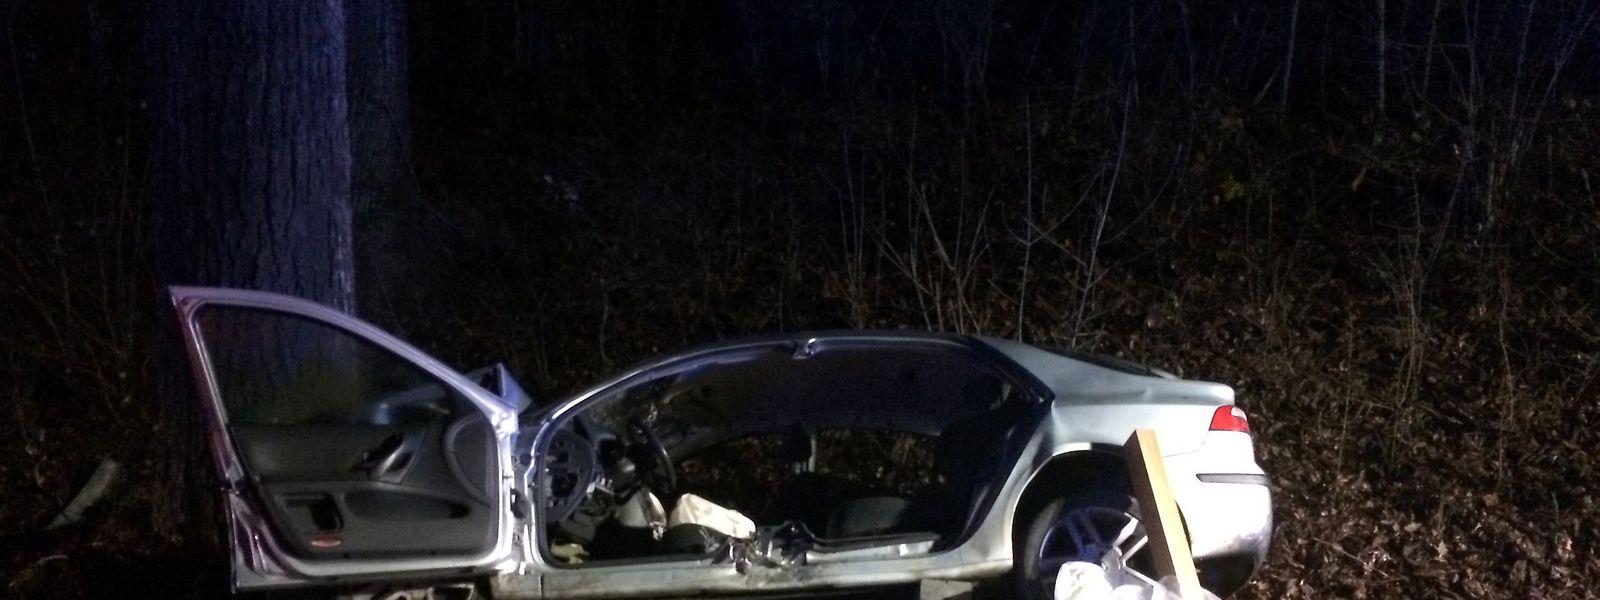 Le chauffeur, seul dans la voiture, a été grièvement blessé.